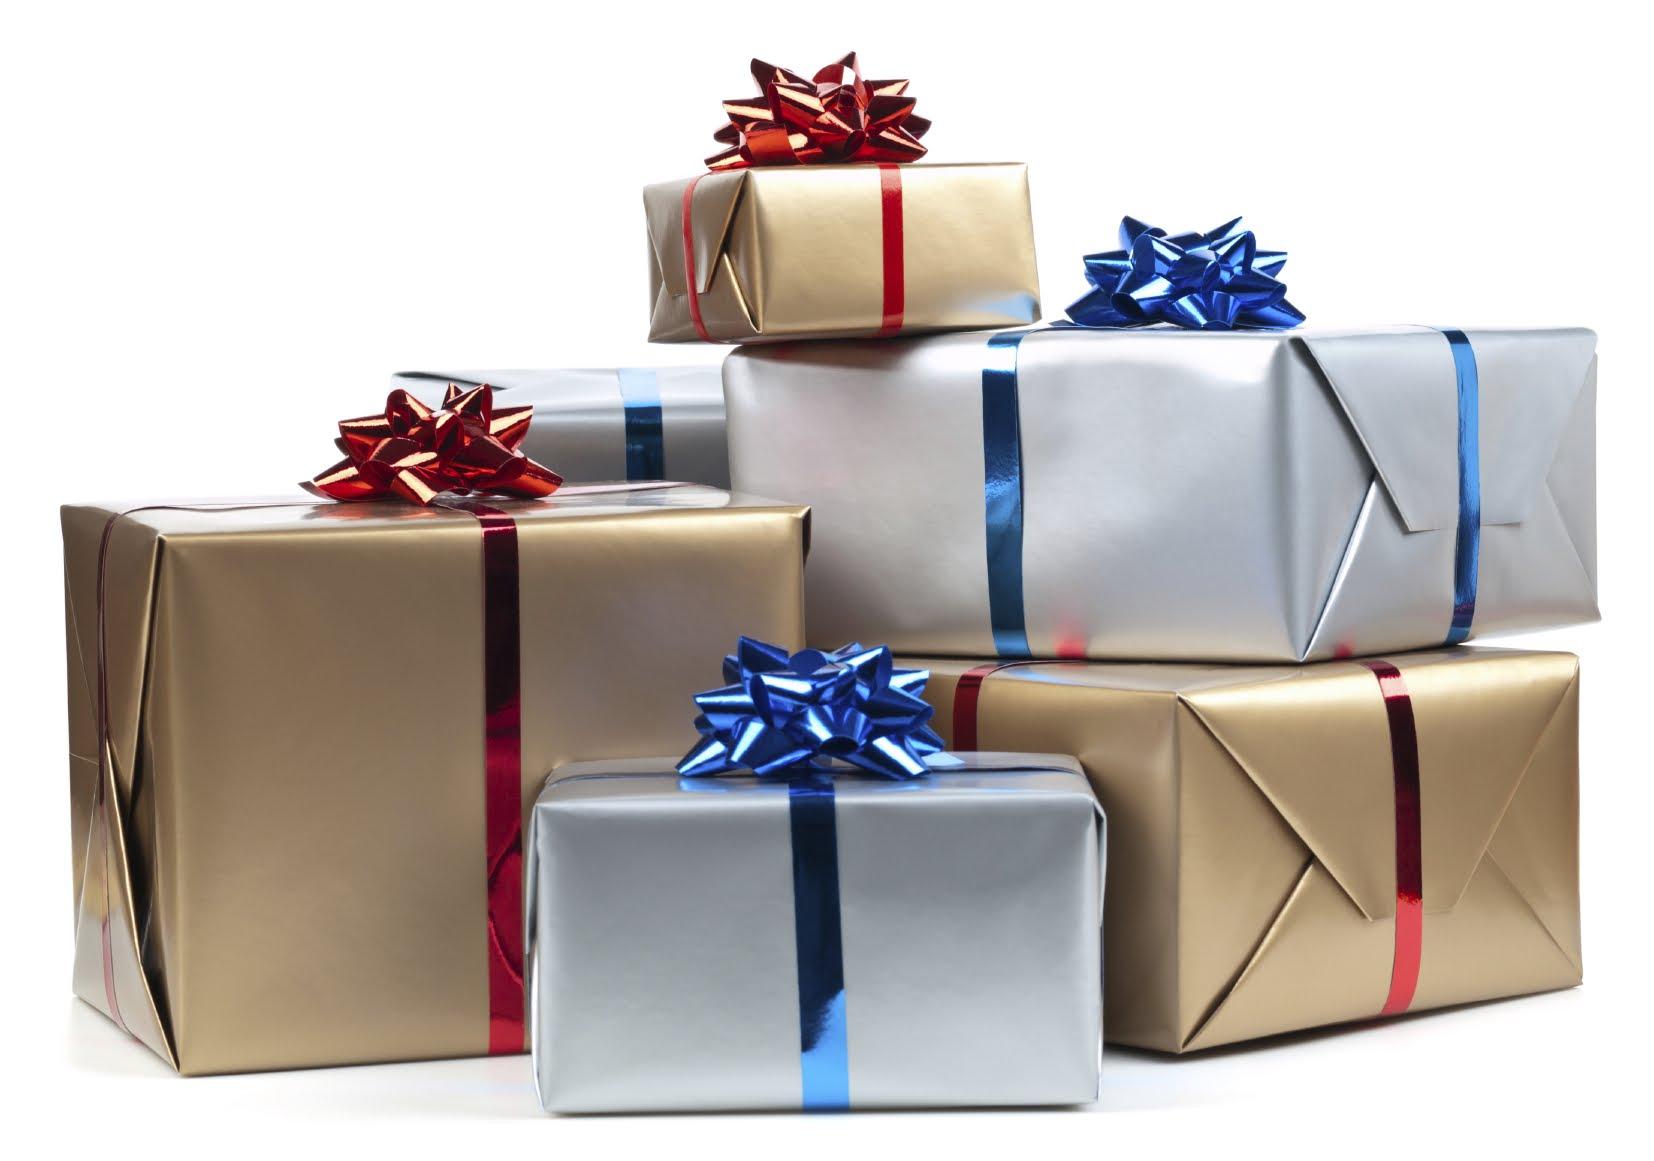 صوره افكار هدايا عيد ميلاد